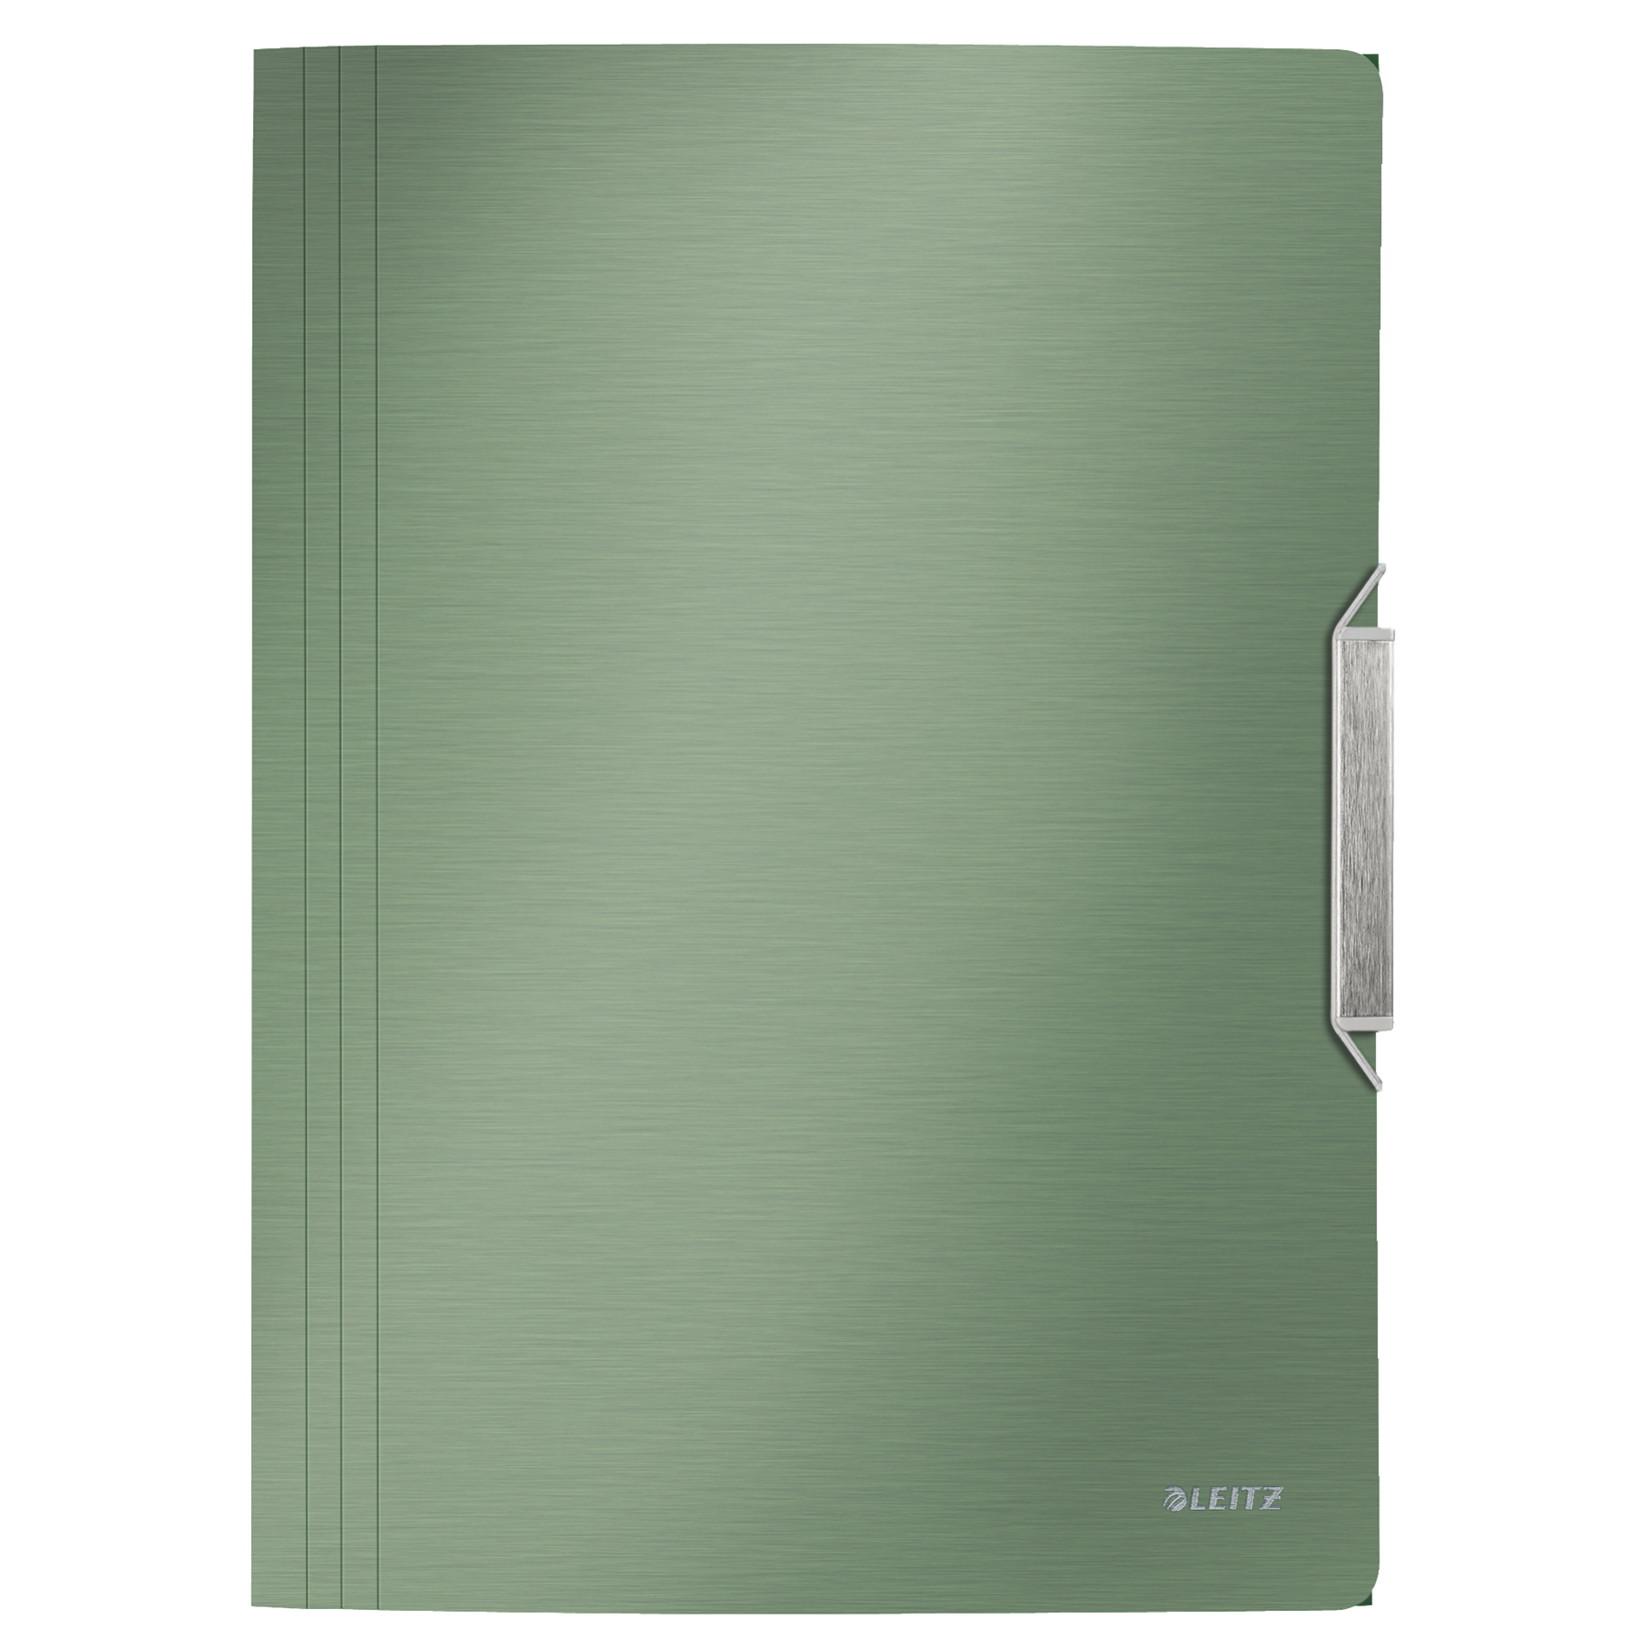 Elastikmappe A4 Leitz Style A4 celadon grøn | 39770053